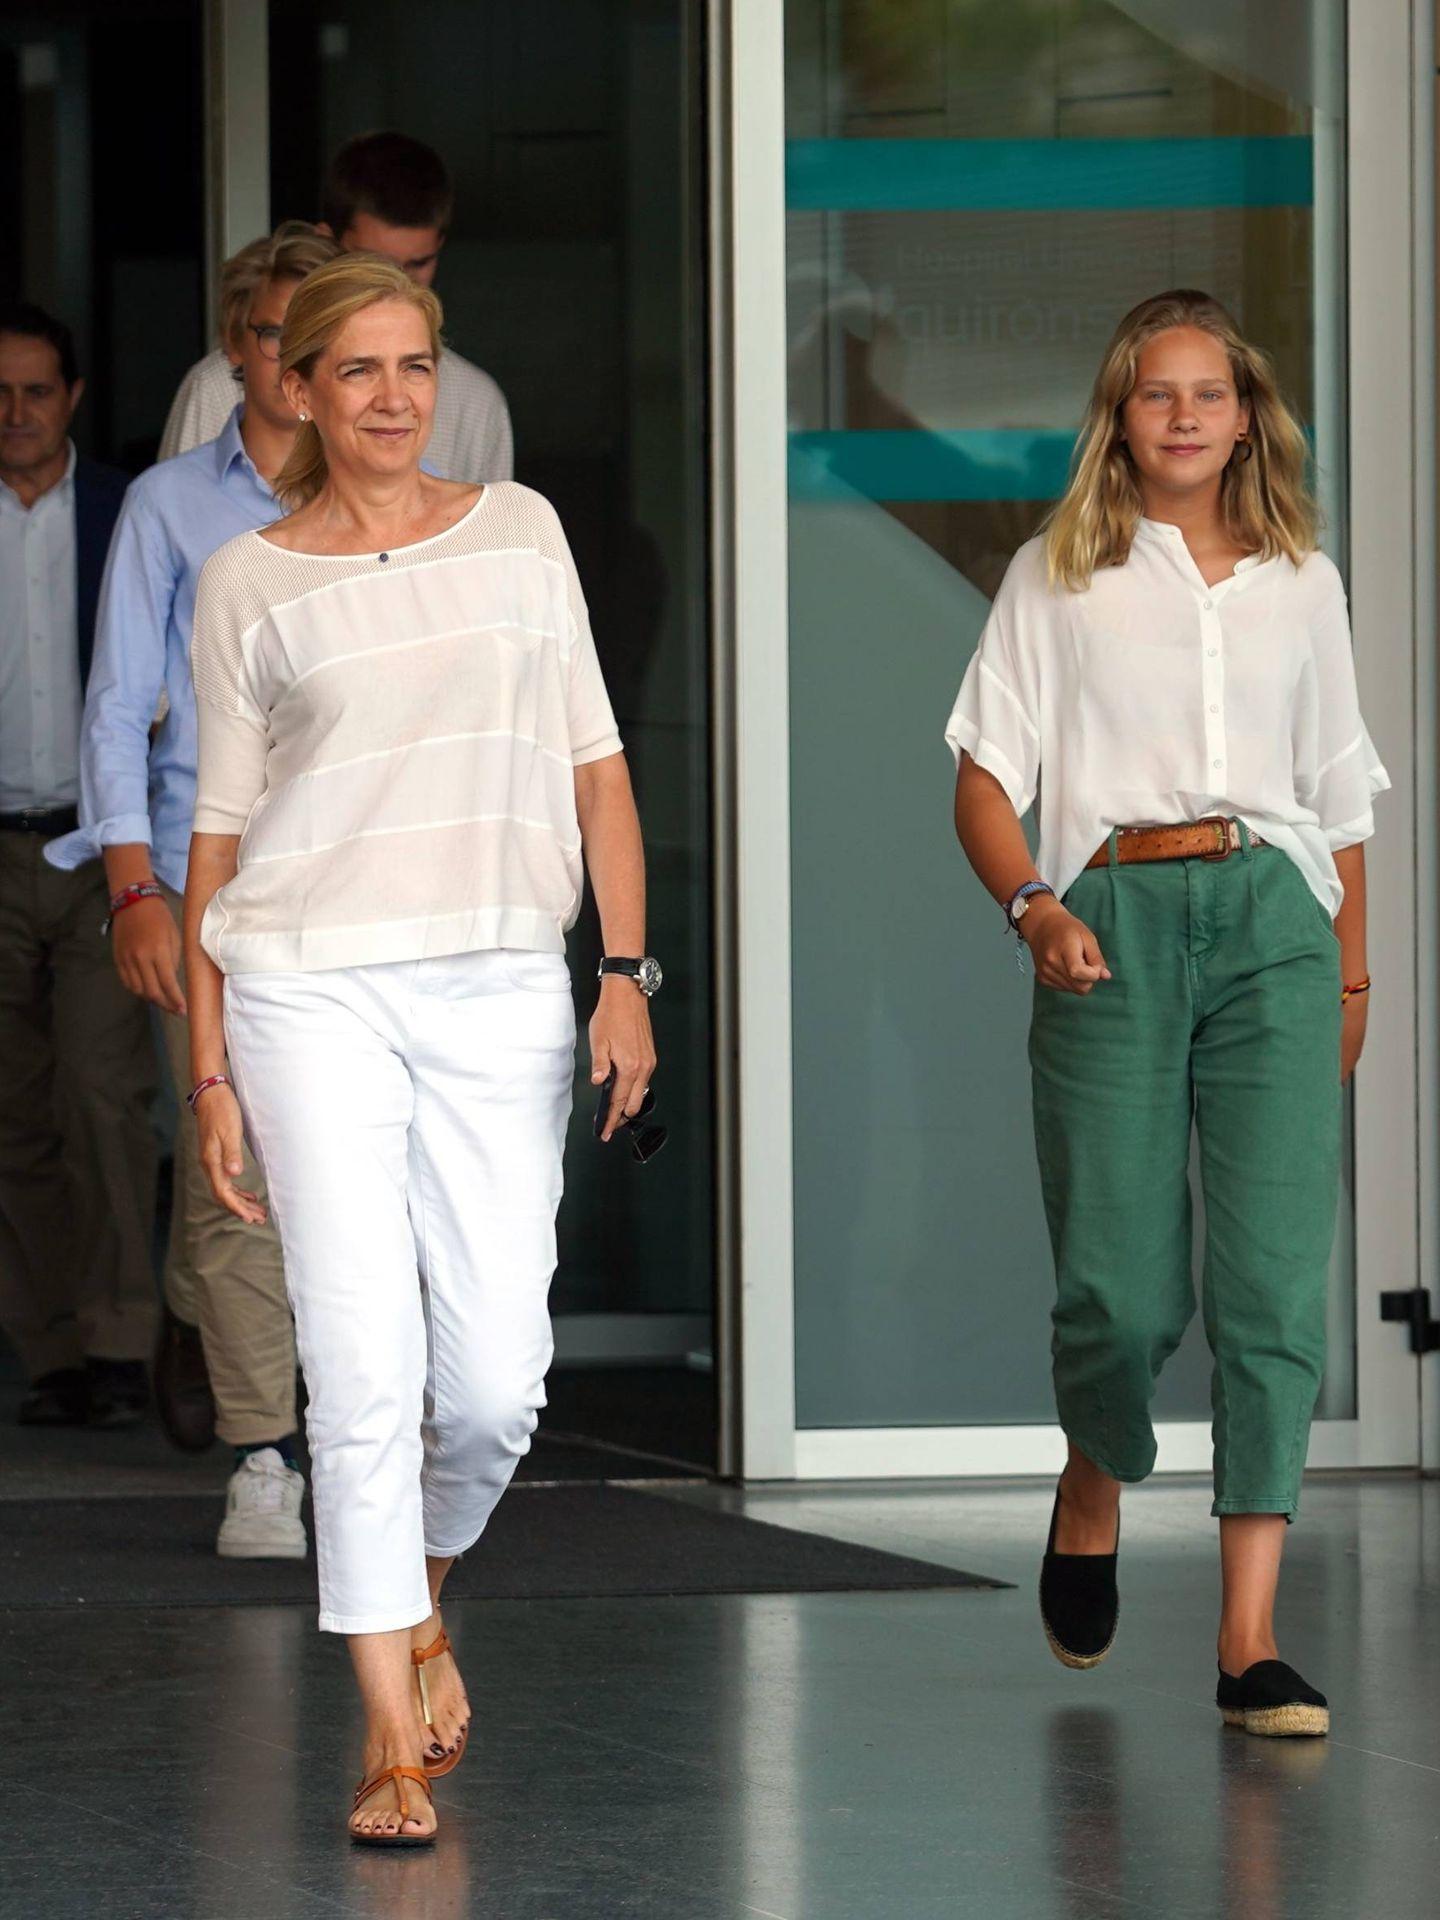 La infanta Cristina e Irene Undargarin. (Cordon Press)